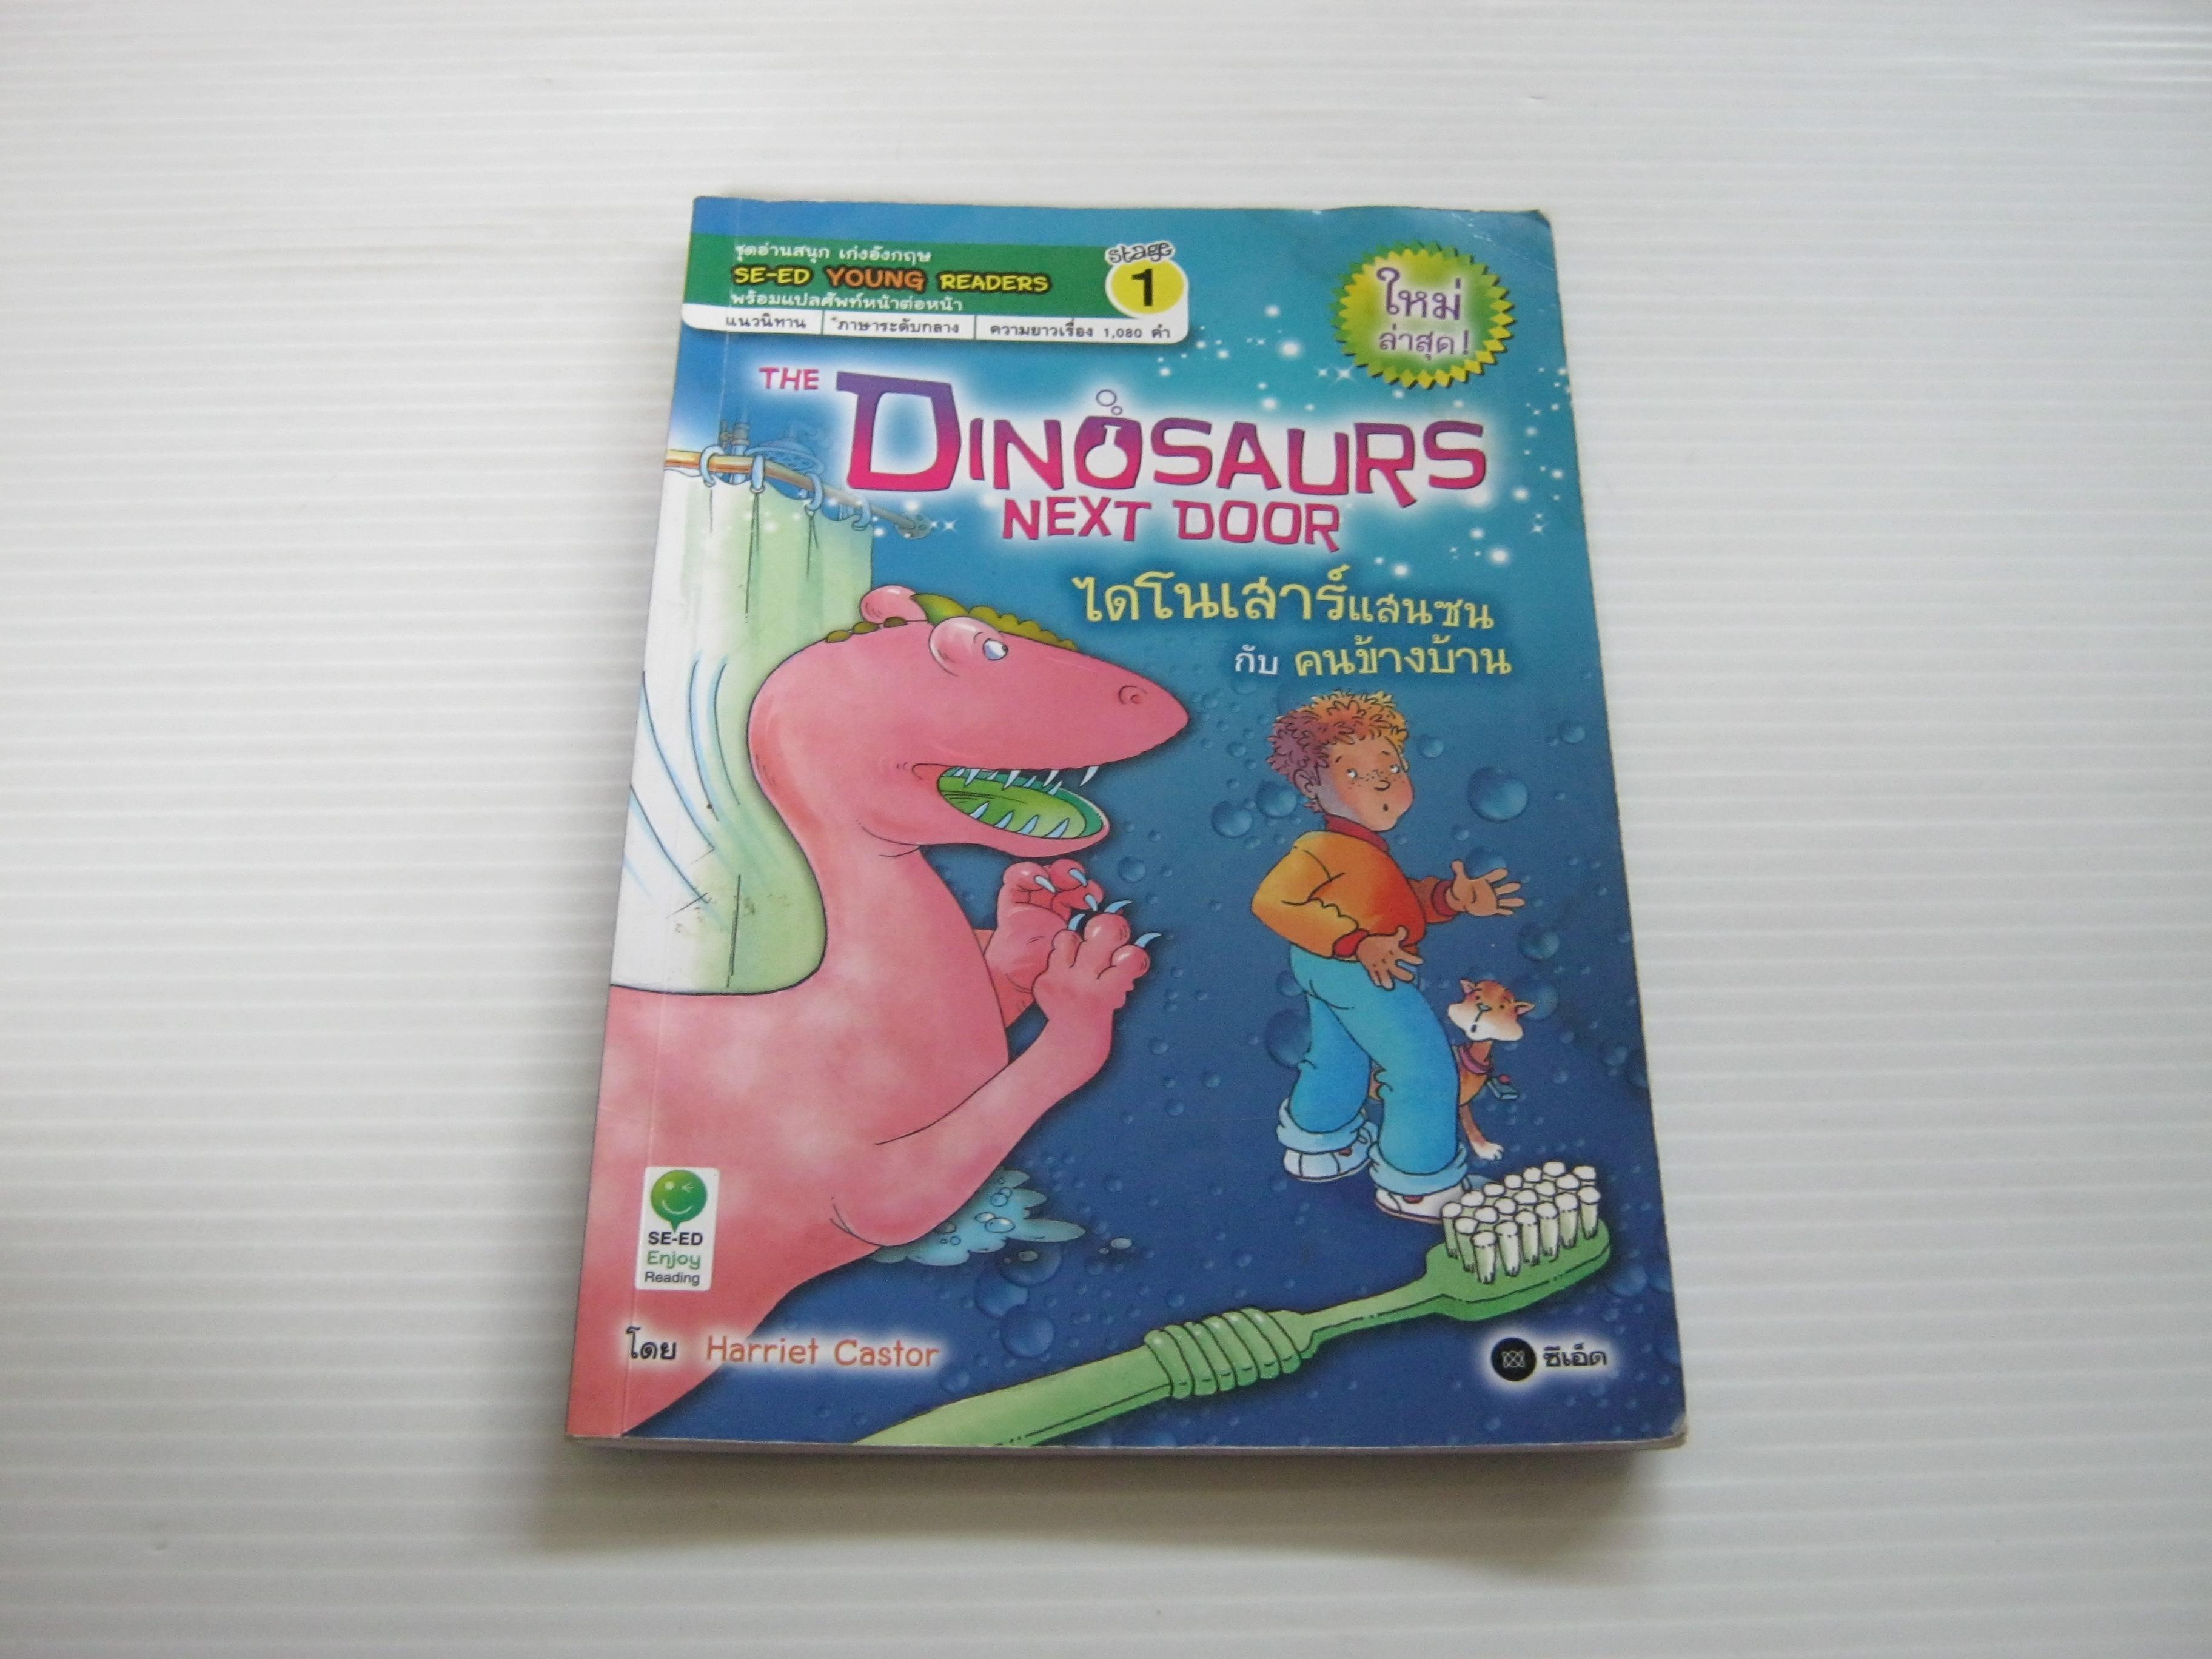 ไดโนเสาร์แสนซนกับคนข้างบ้าน (The Dinosaurs Next Door) Harriet Castor เขียน